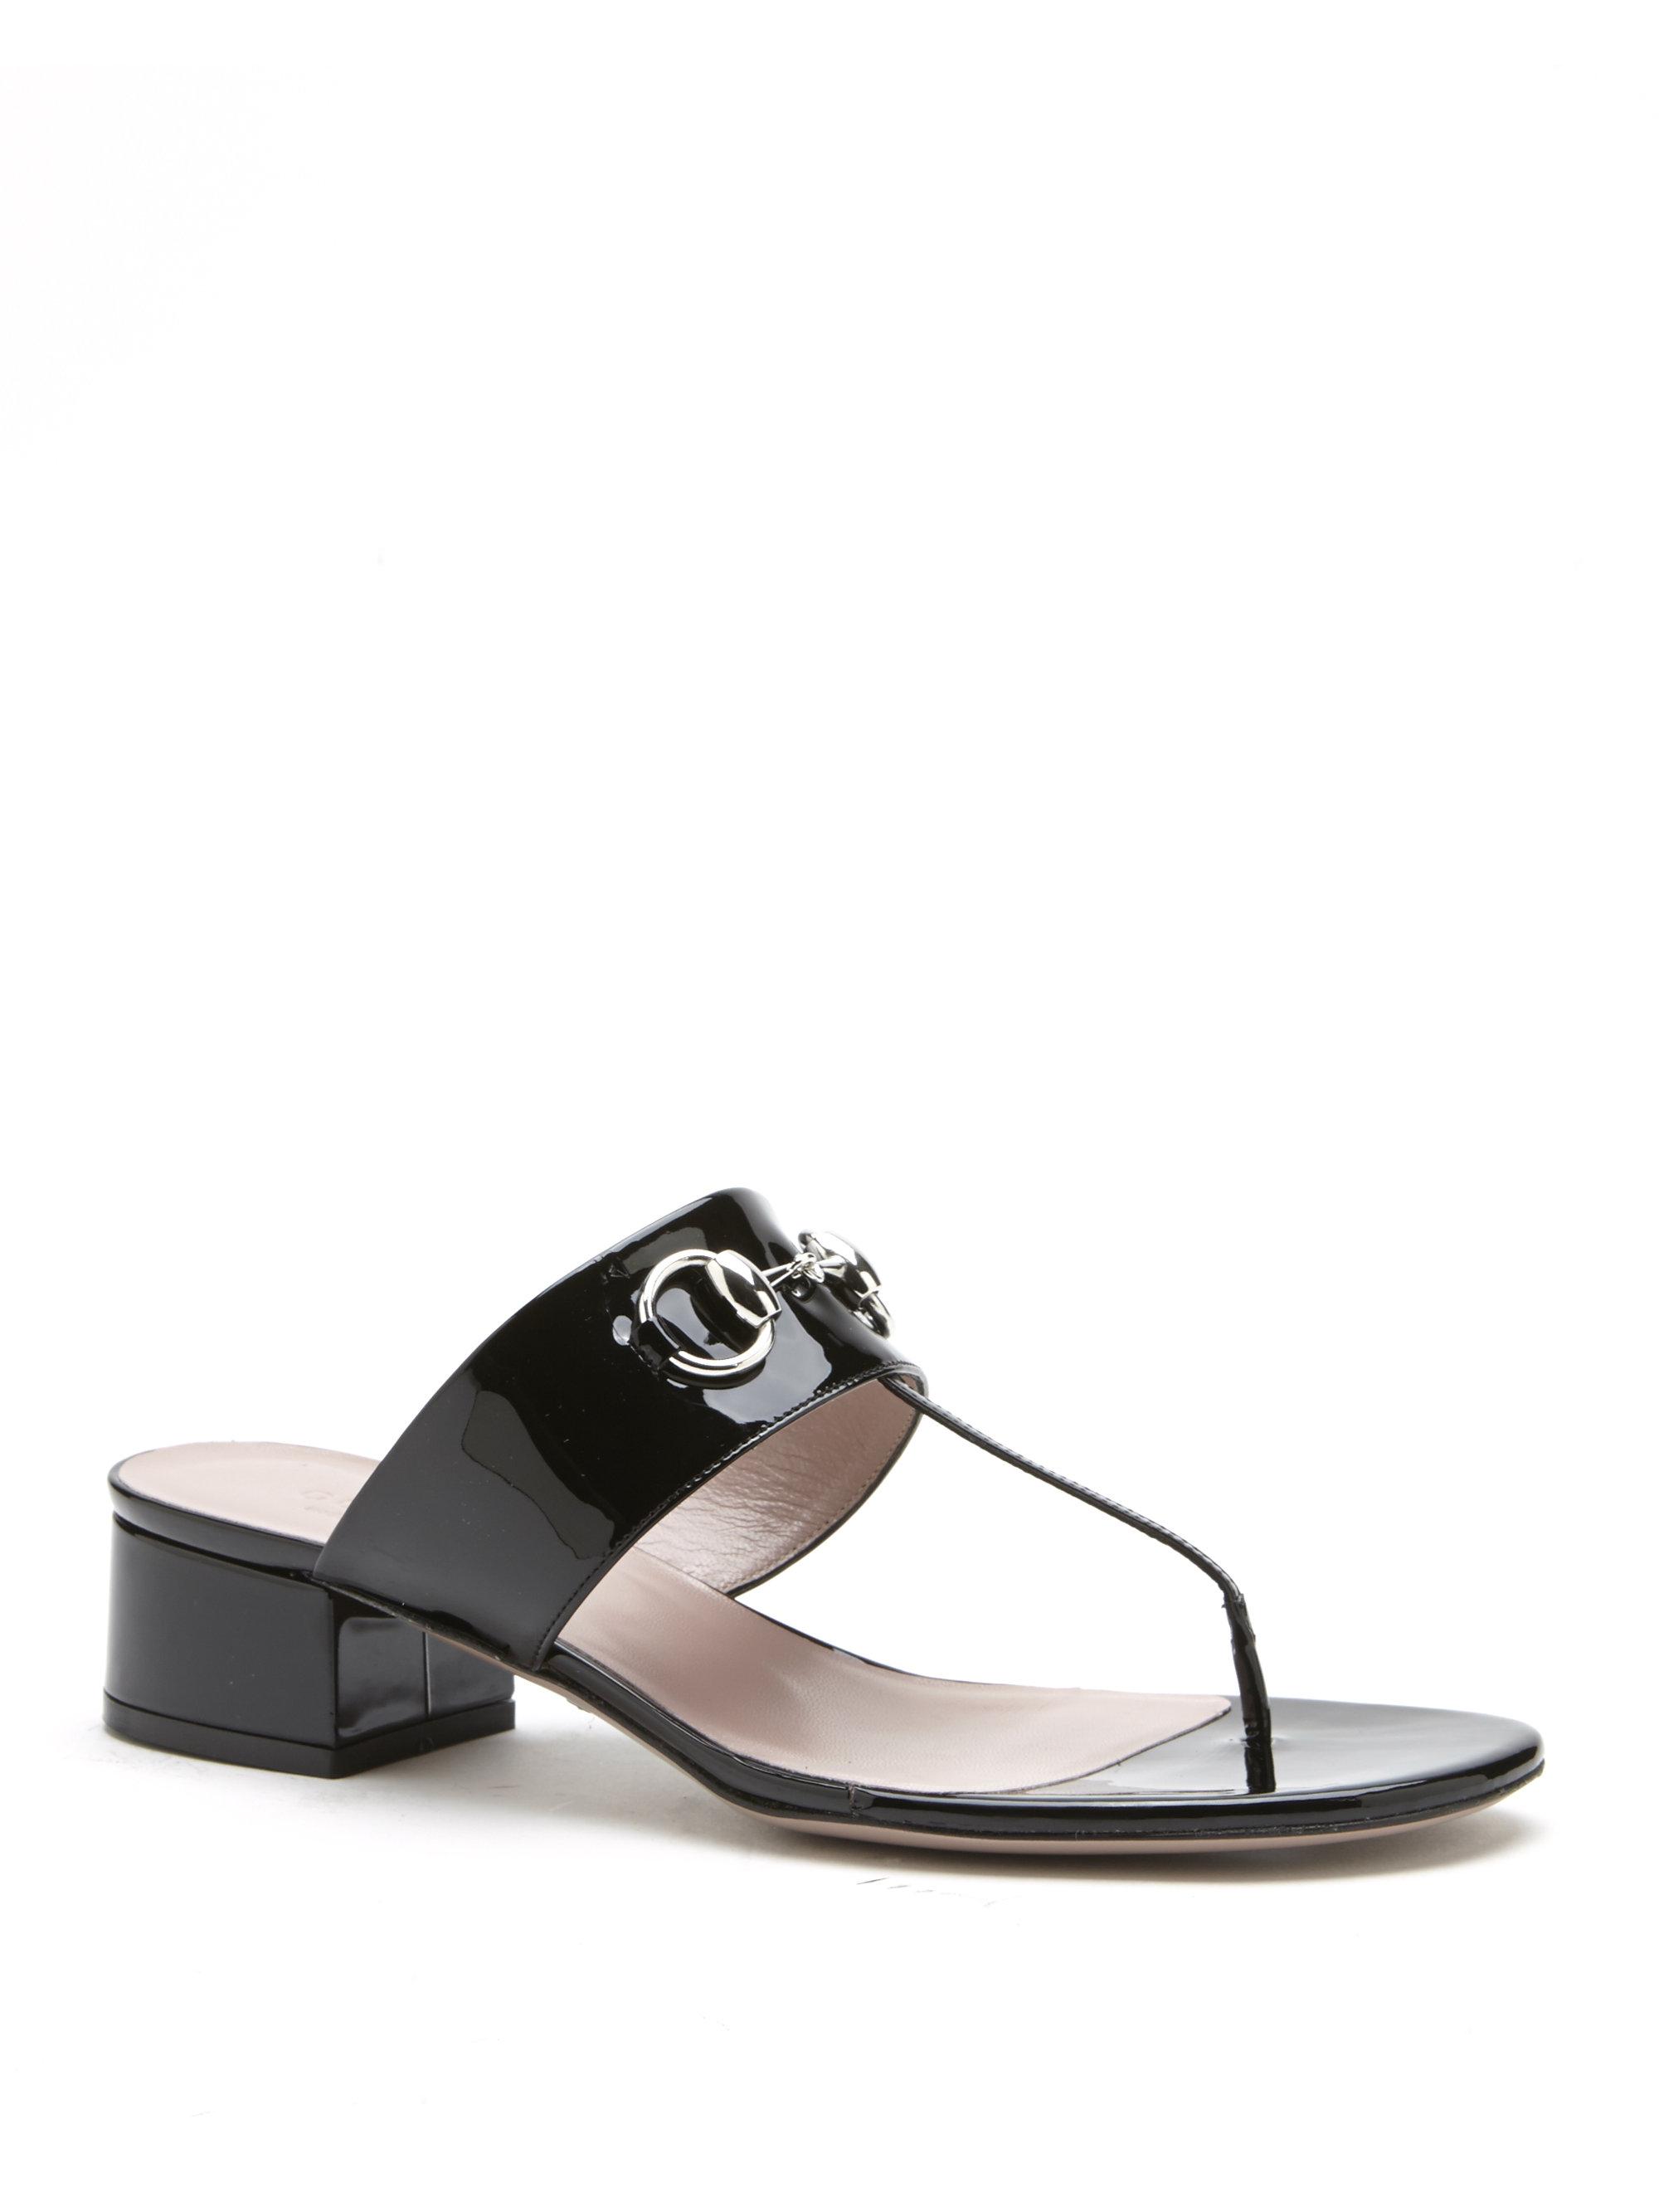 Gucci Pool sandals smooth leather Gem 2WZDa